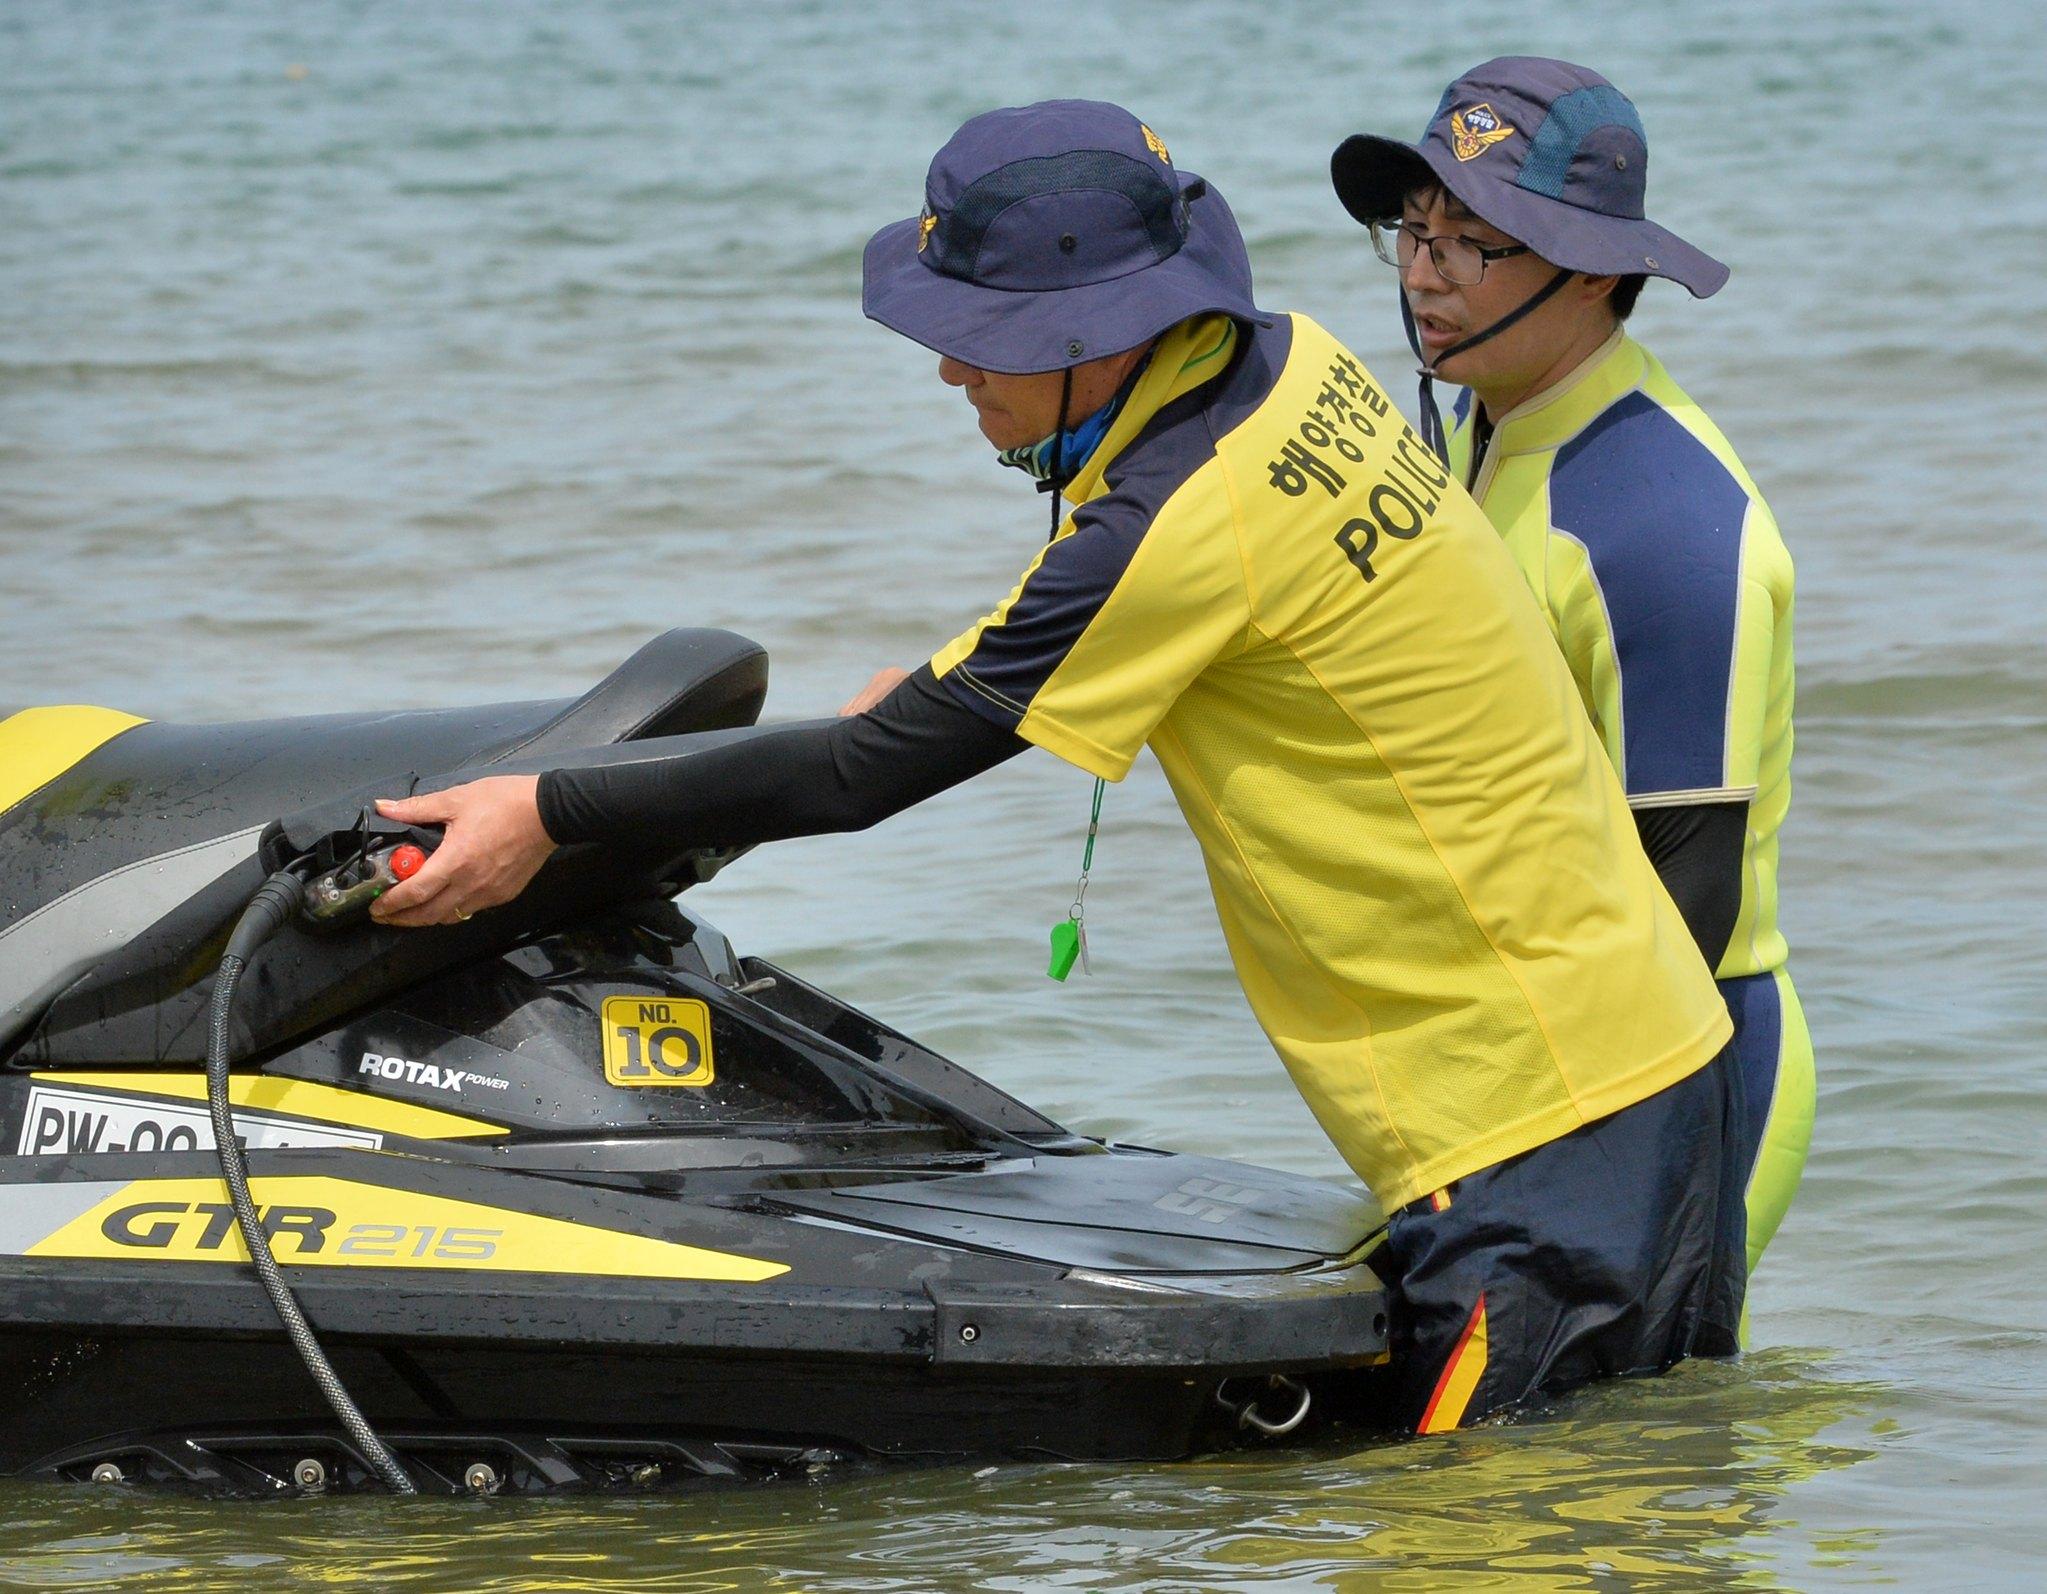 지난해 6월 경북 포항해양경찰서 해상구조대원들이 개장을 앞둔 영일대해수욕장에서 수상 오토바이에 상어 퇴치기를 설치하고 있다.상어 퇴치기는 수상 오토바이에 있는 전원과 연결해 상어가 싫어하는 전자파를 발생시켜 상어 접근을 차단한다. [뉴스1]